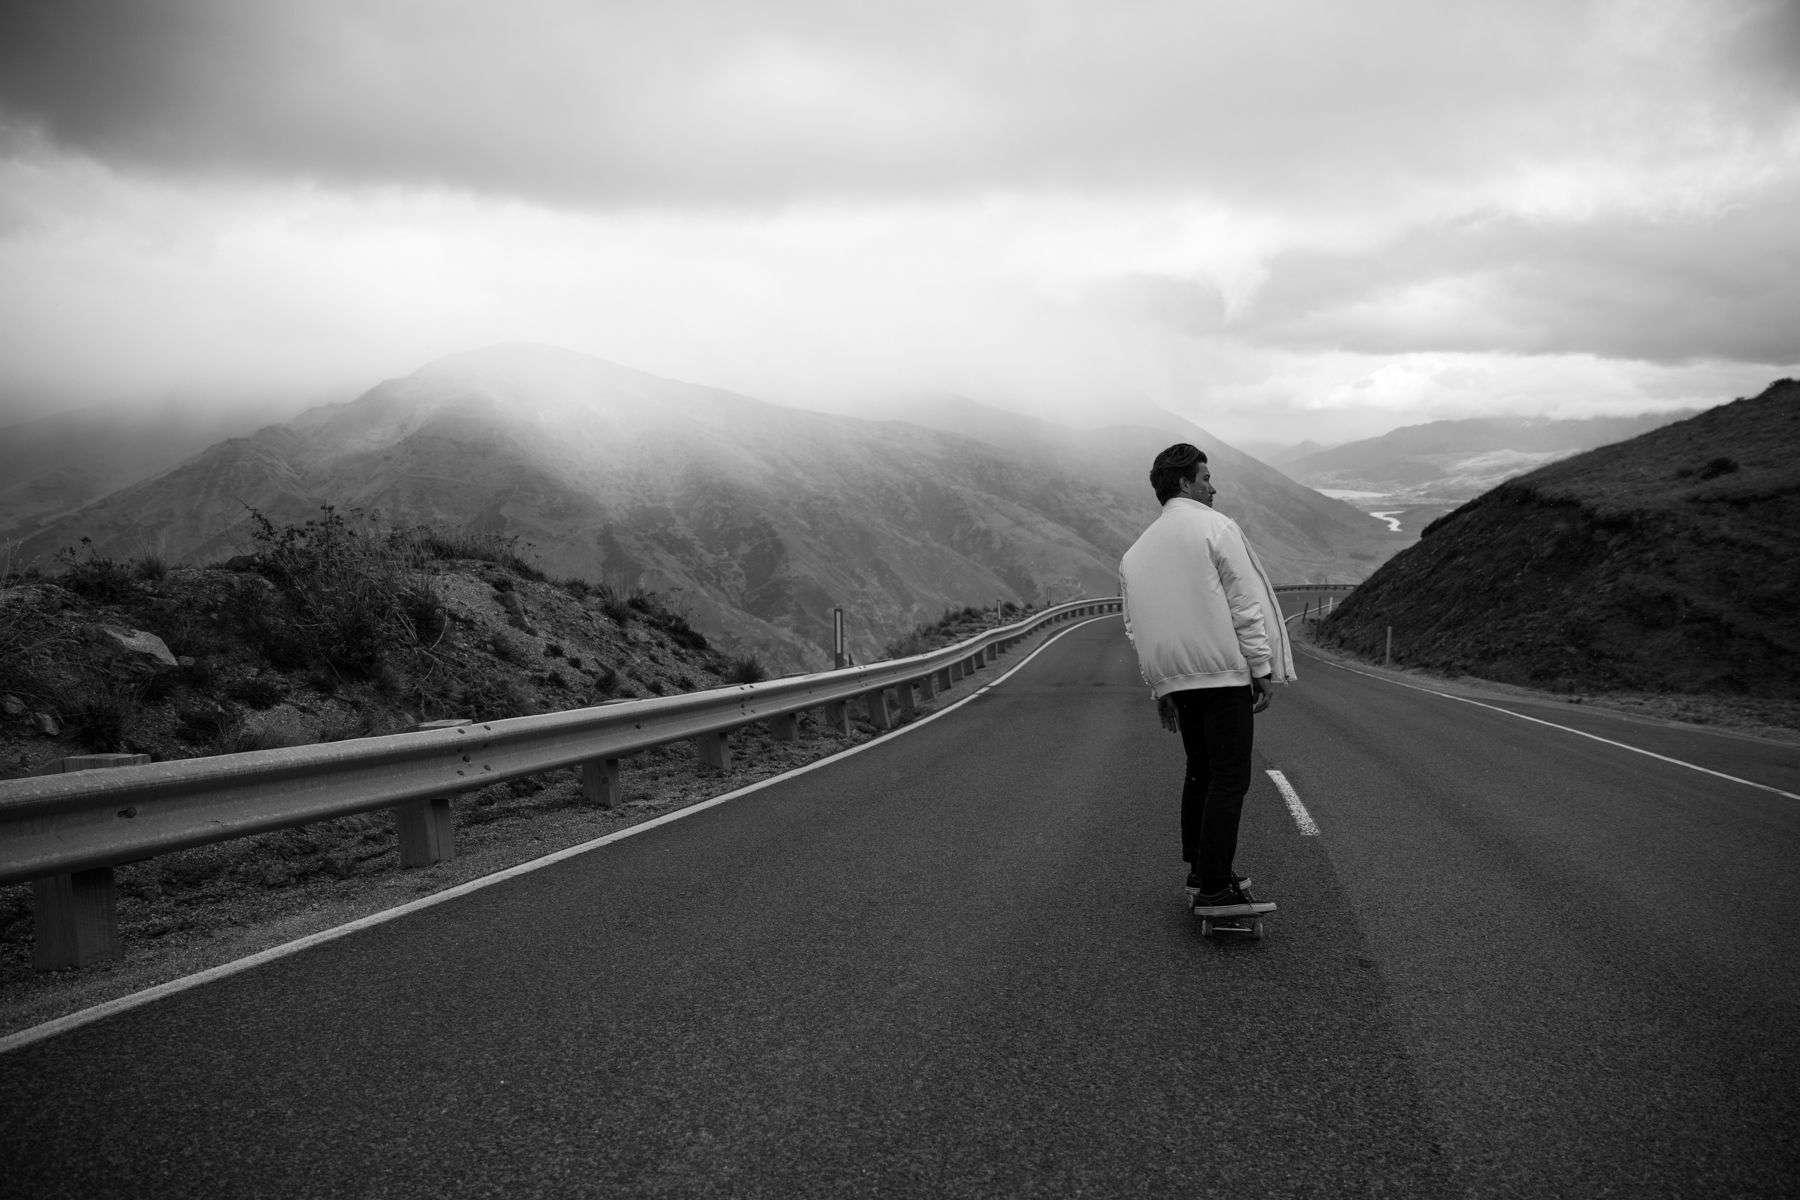 Shaun White, Skateboarding Hill